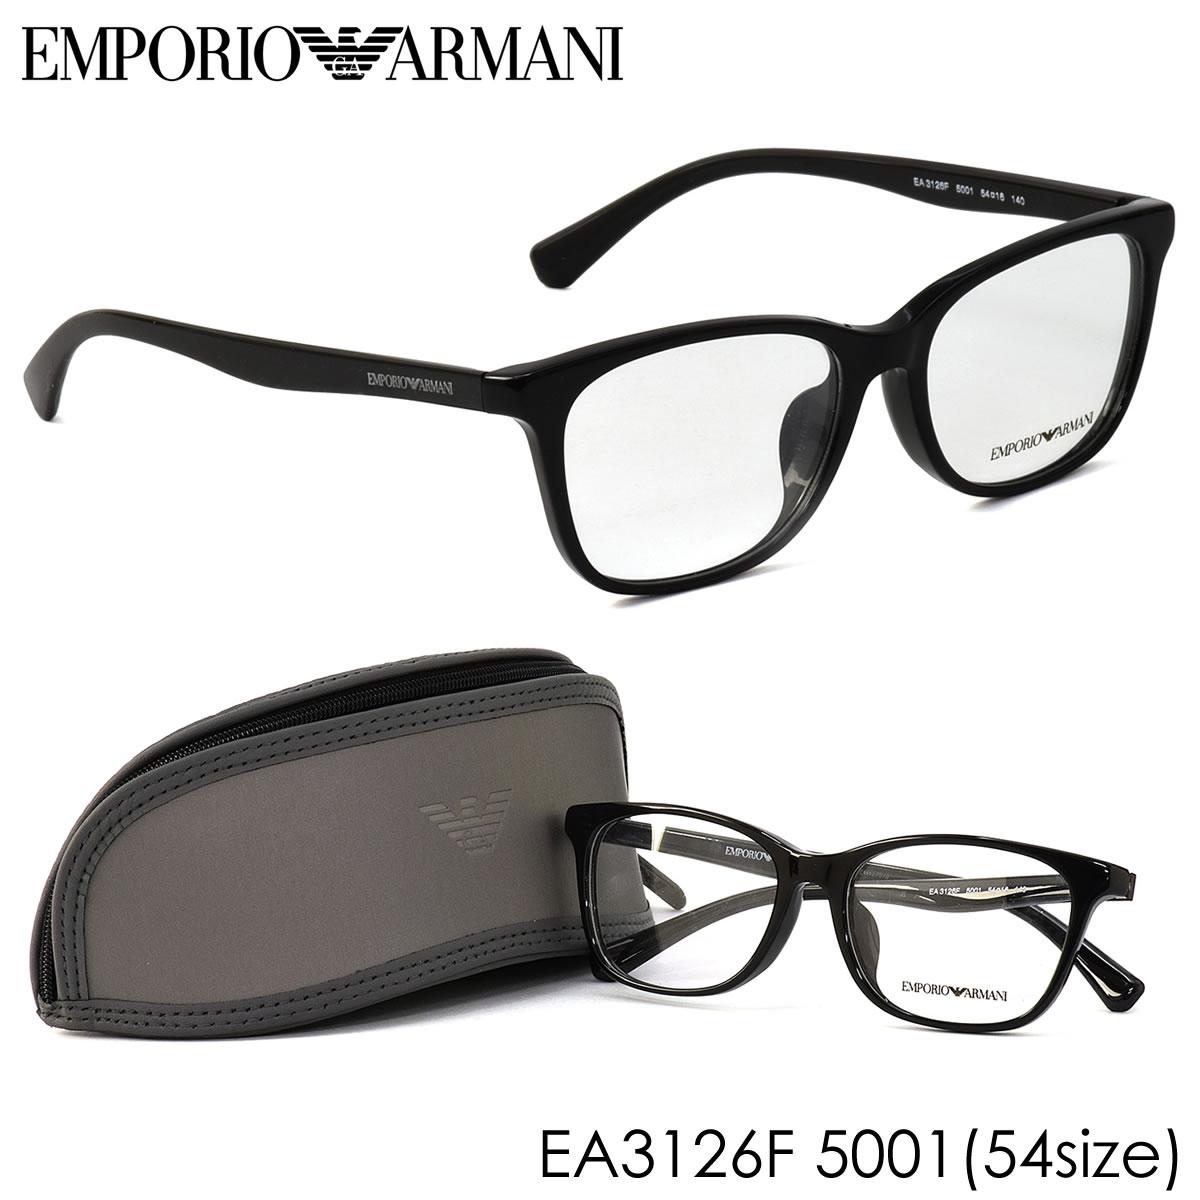 【10月30日からエントリーで全品ポイント20倍】エンポリオアルマーニ EMPORIO ARMANI メガネEA3126F 5001 54サイズフルフィット エンポリオ アルマーニ メンズ レディースエンポリオアルマーニ EMPORIOARMANI メンズ レディース